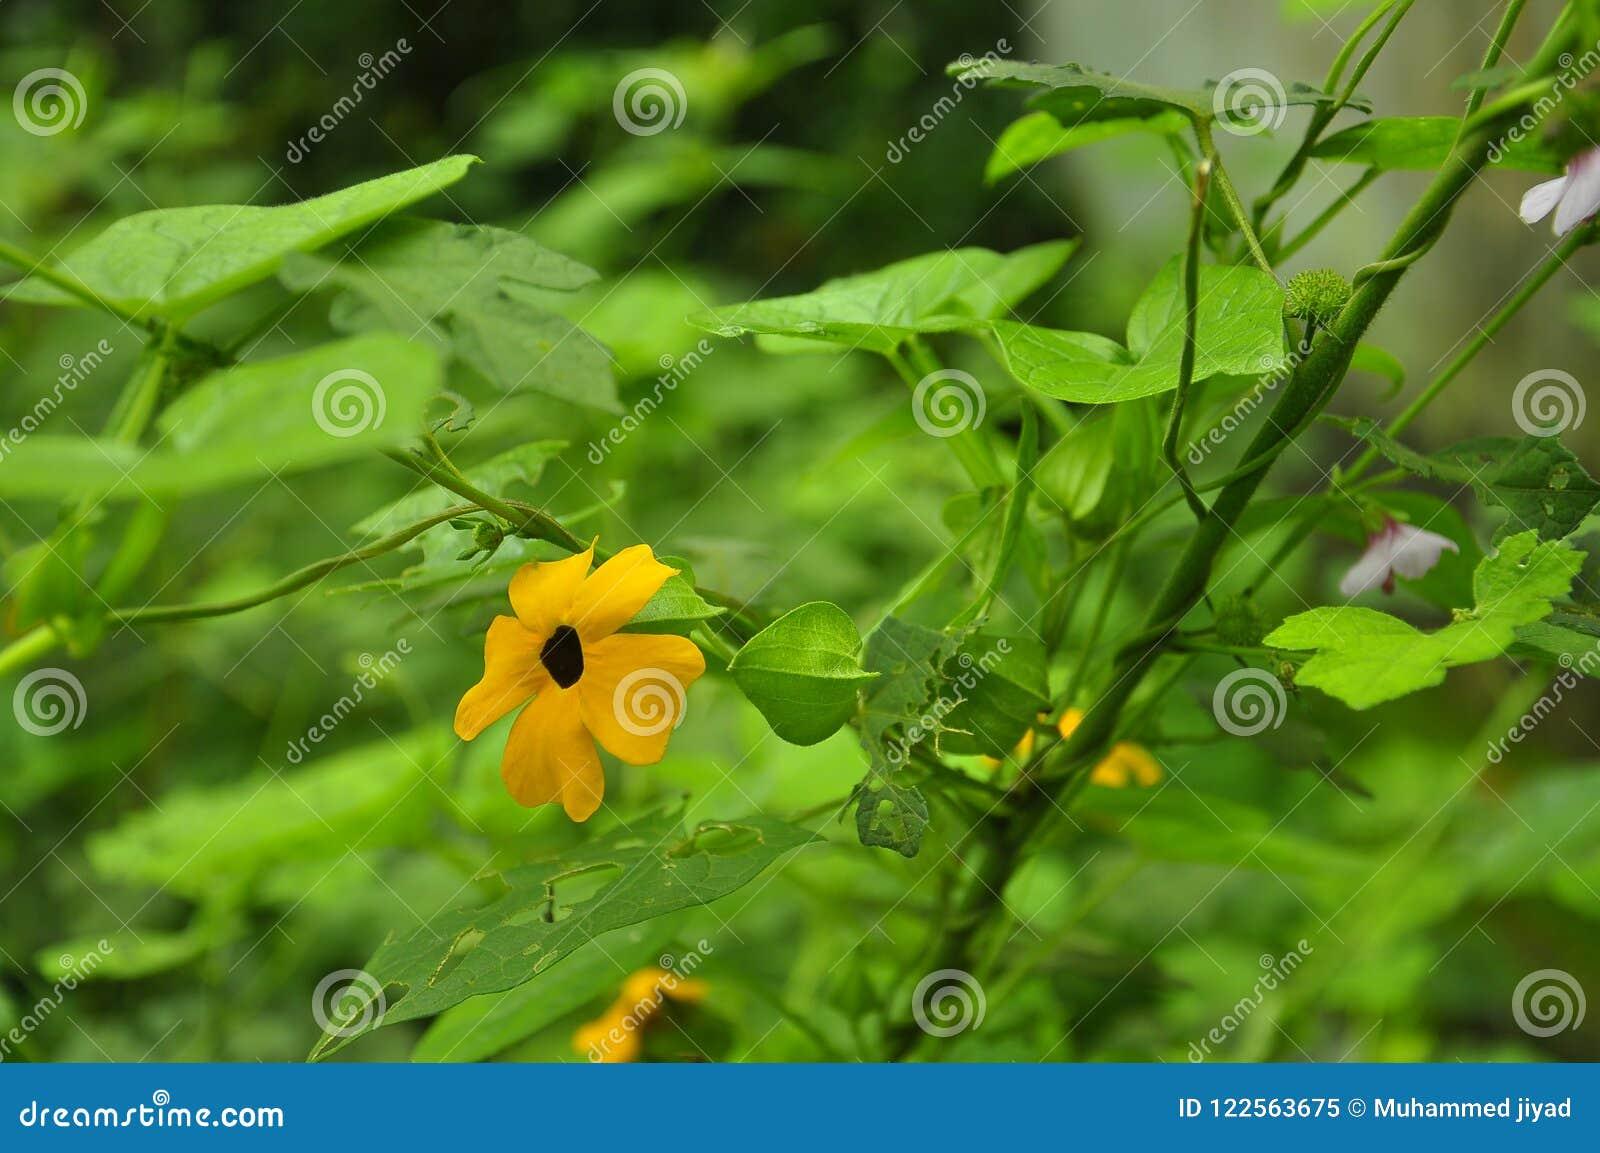 Flowers mallika